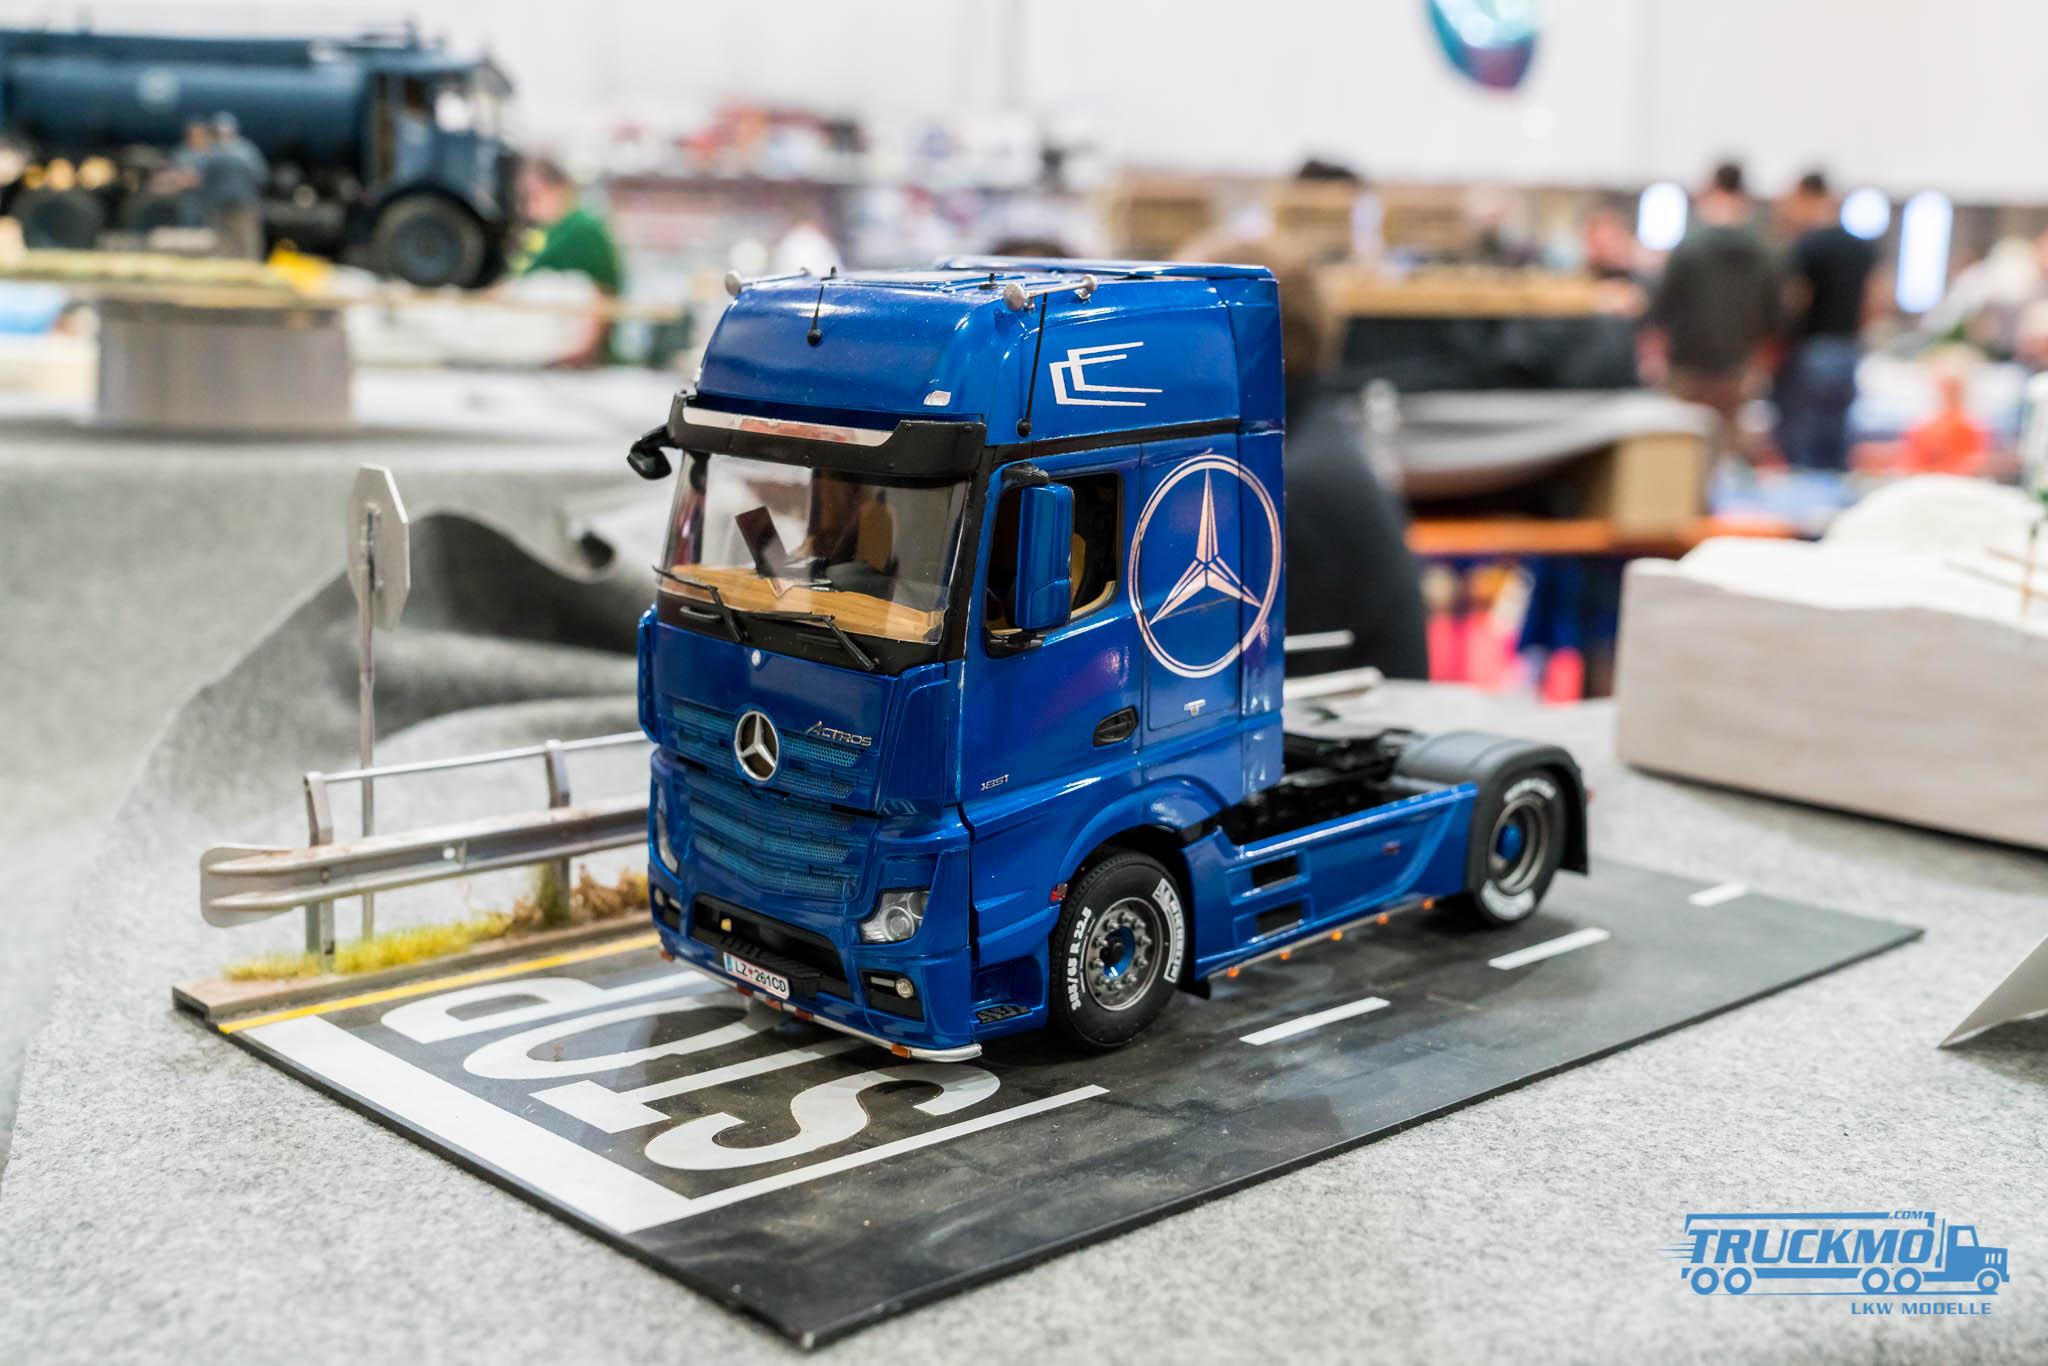 Truckmo_Modellbau_Ried_2017_Herpa_Messe_Modellbauausstellung (307 von 1177)